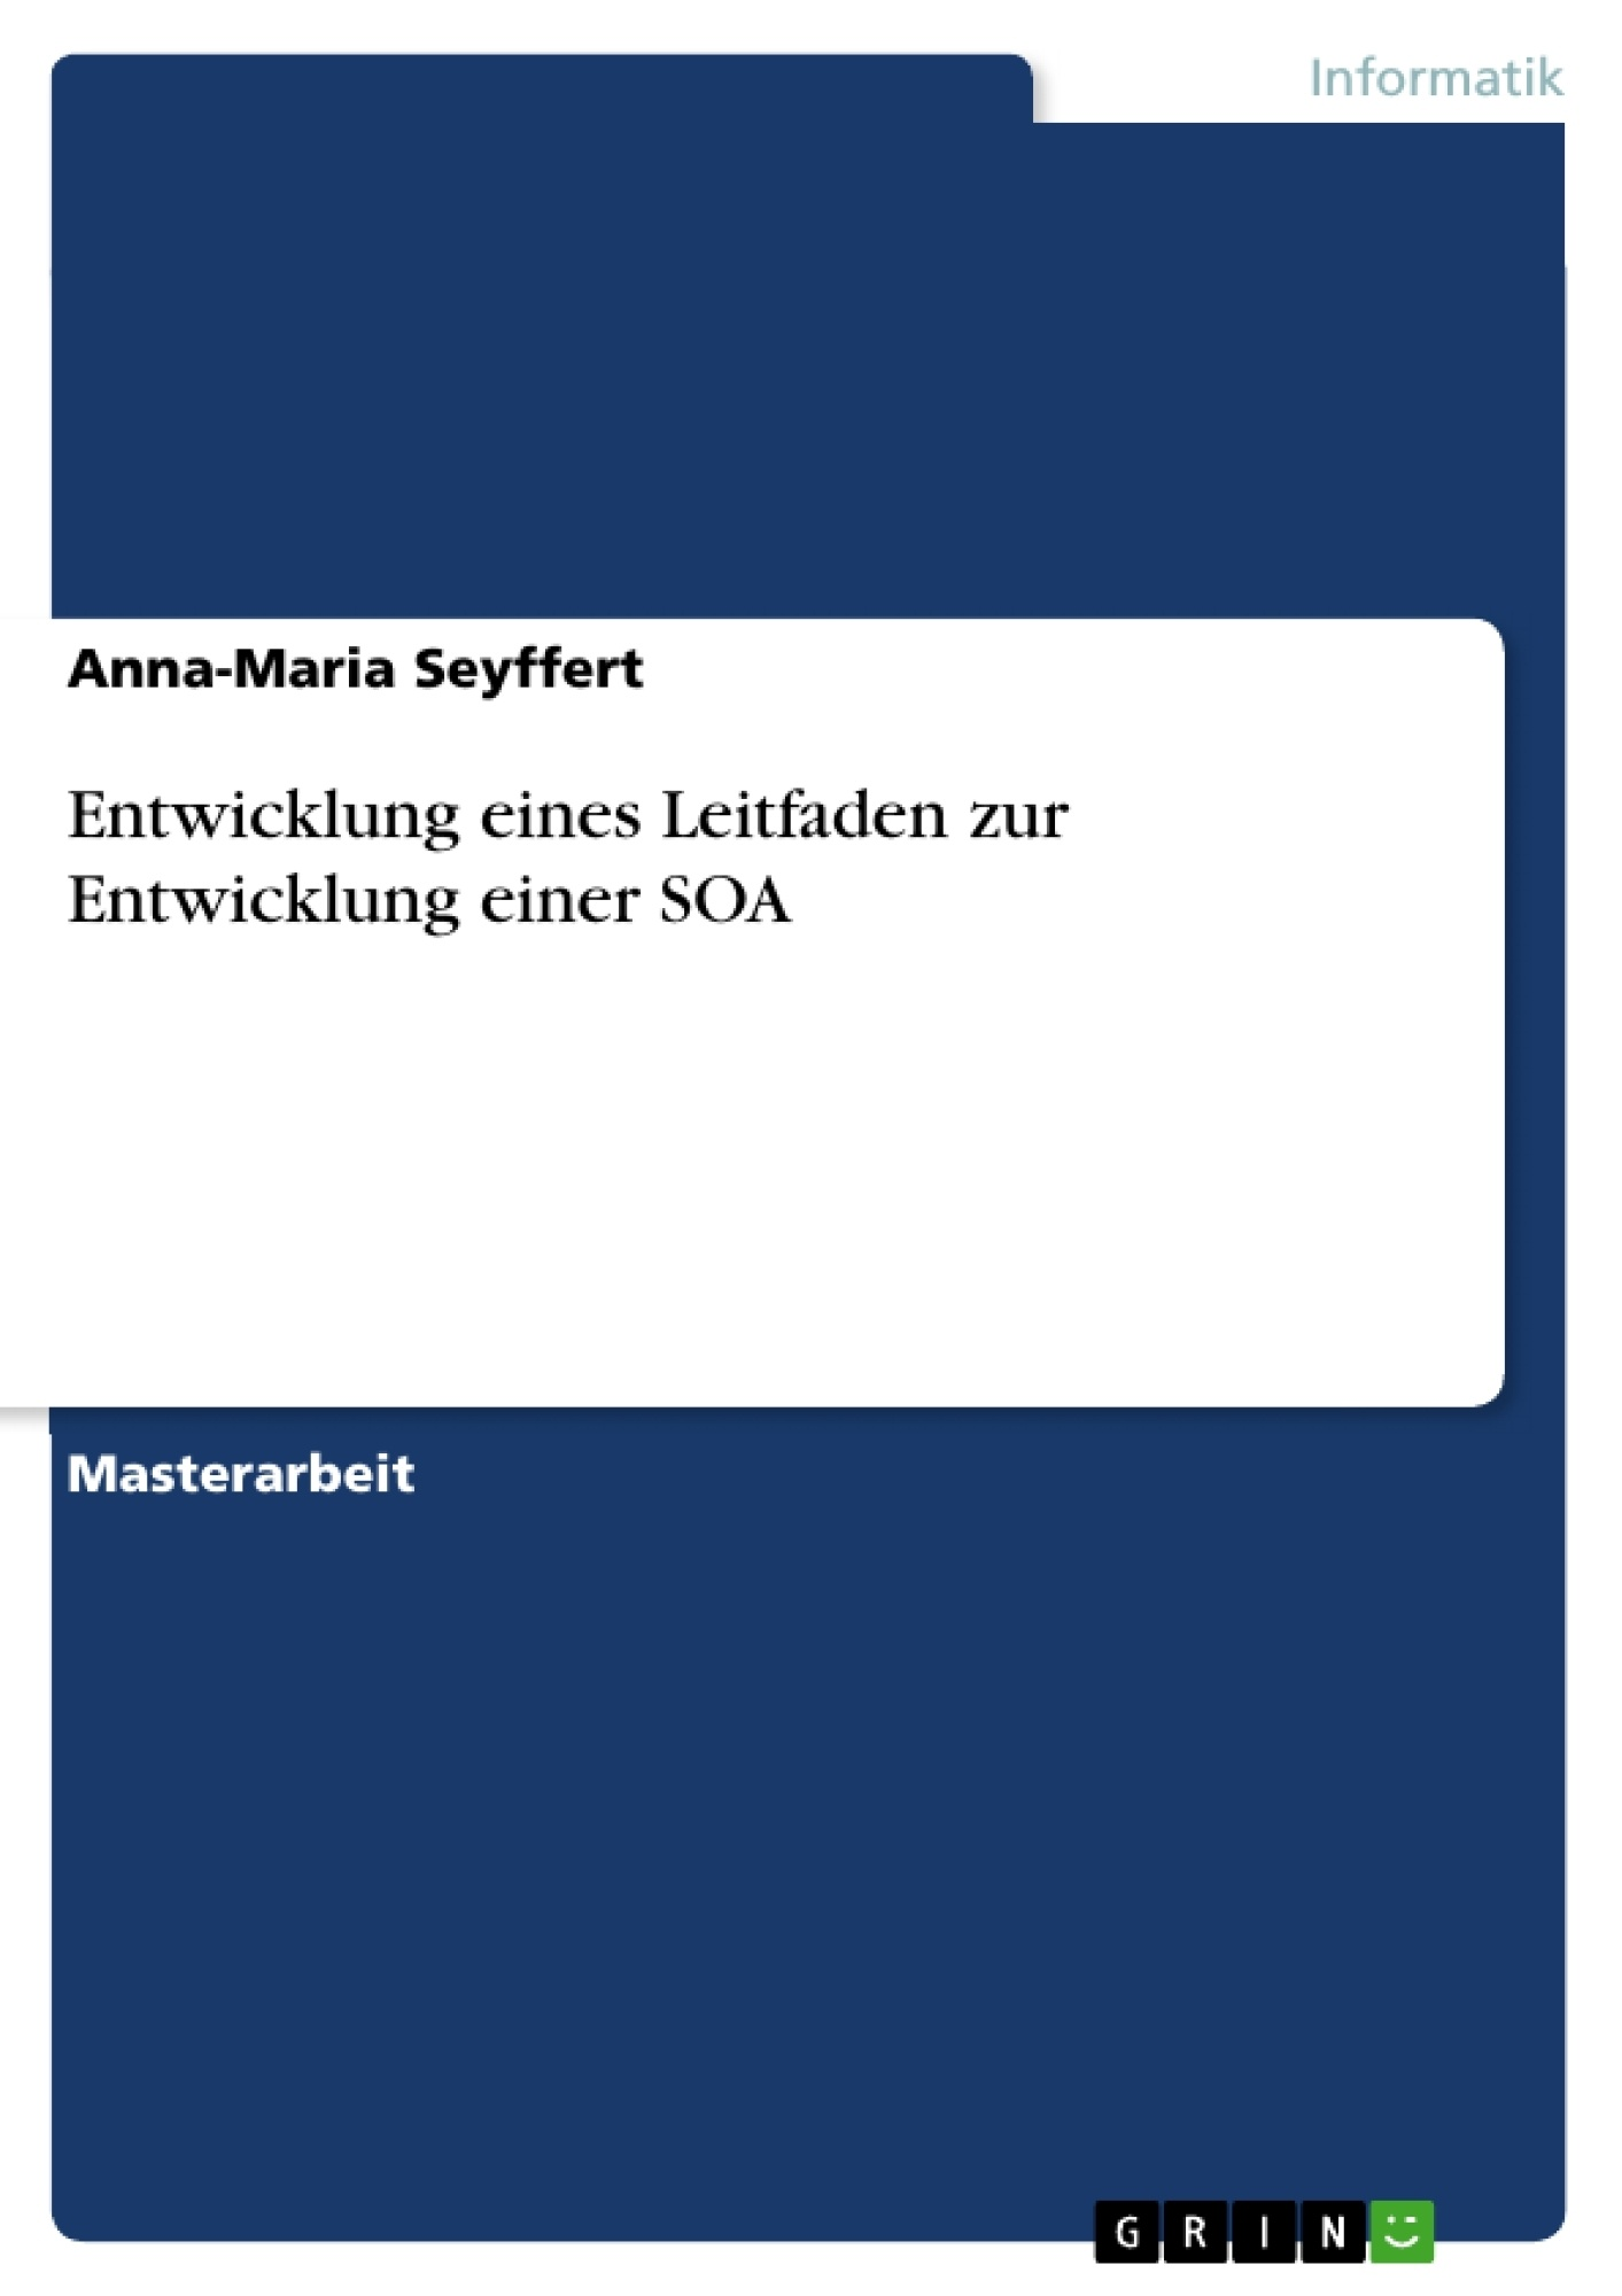 Titel: Entwicklung eines Leitfaden zur Entwicklung einer SOA